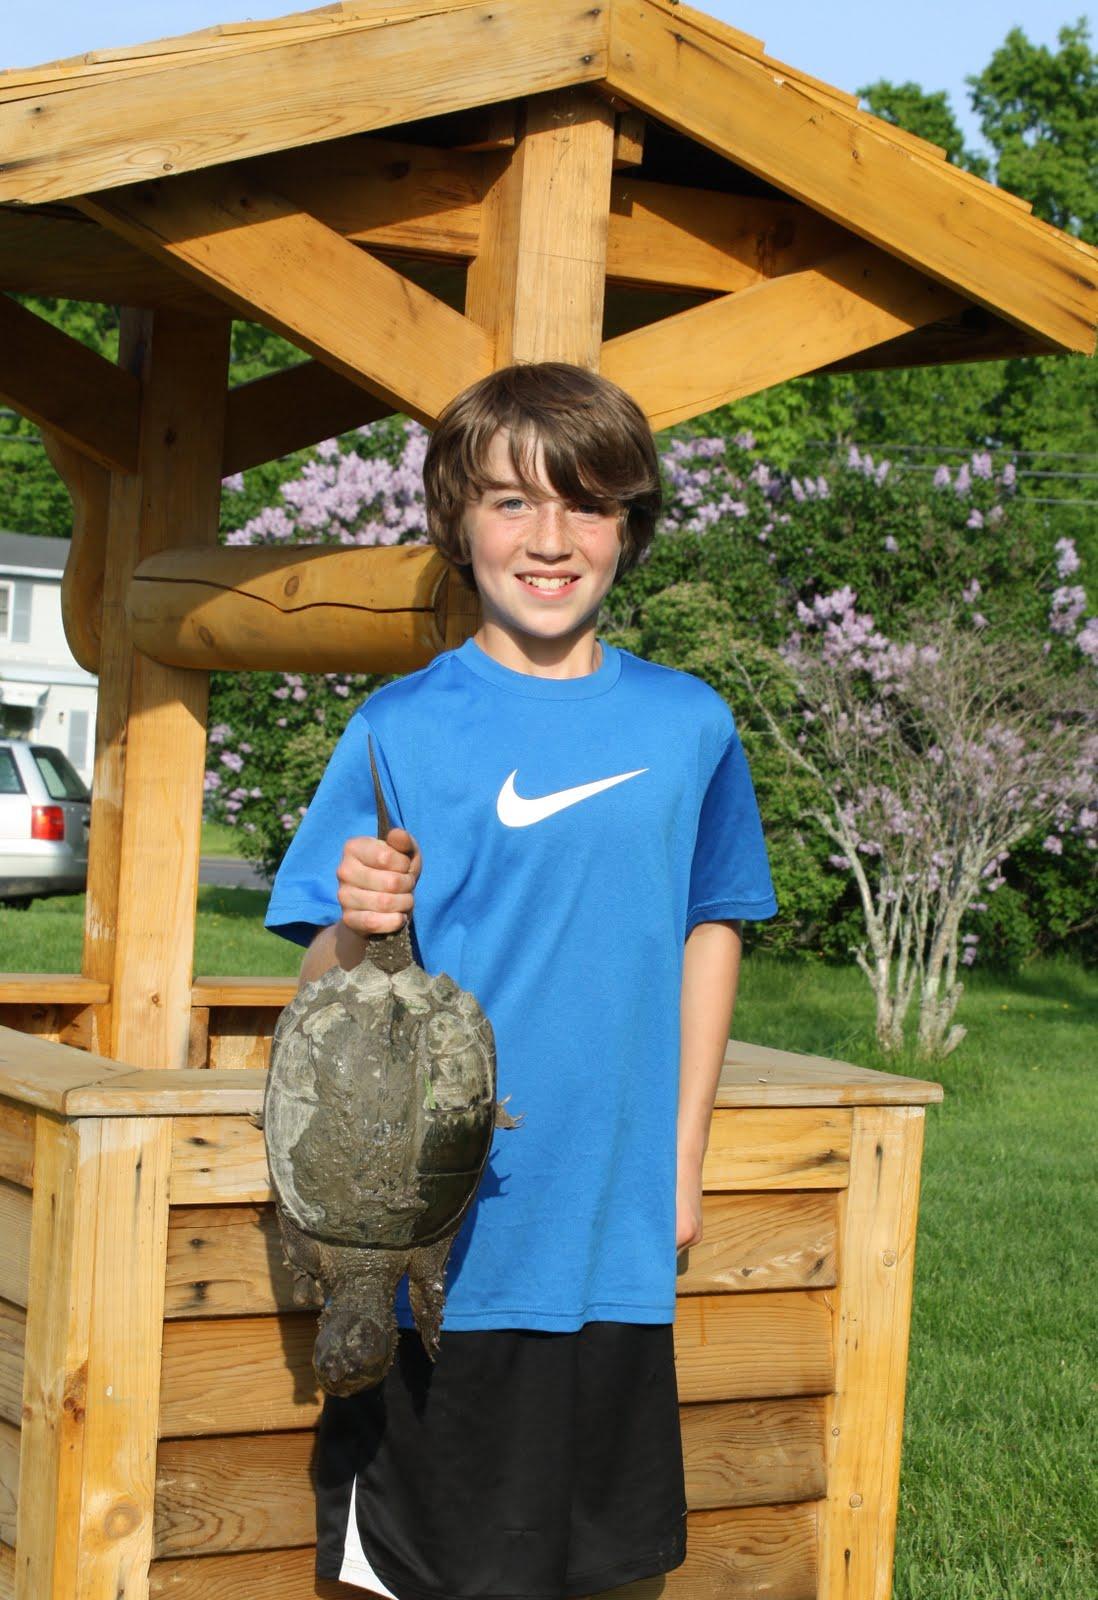 Achorn Farm: Happy Birthday Country Boy!